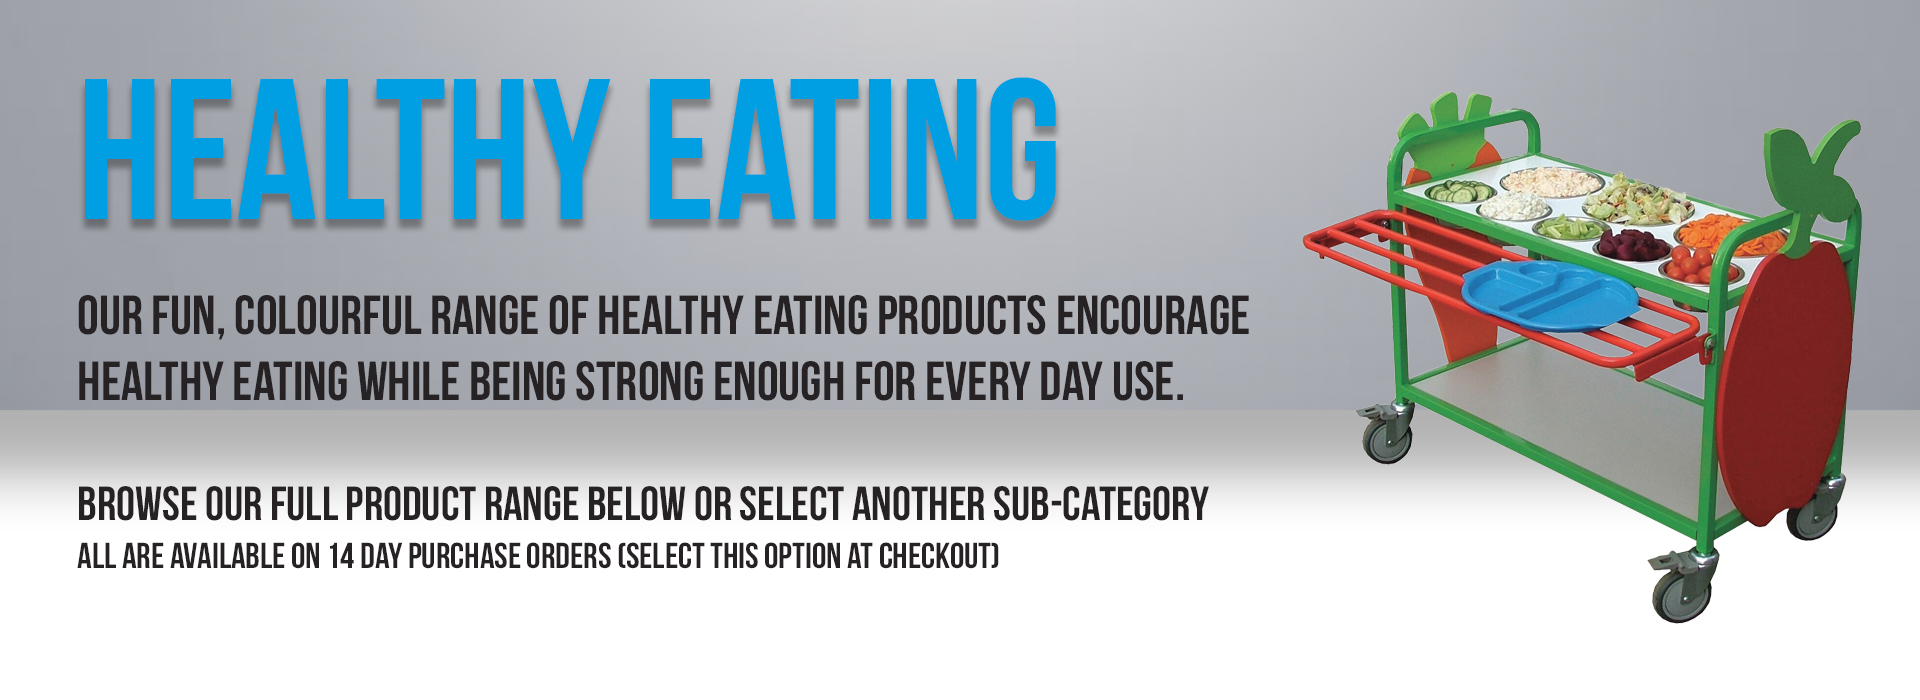 healthy-eating-banner.jpg